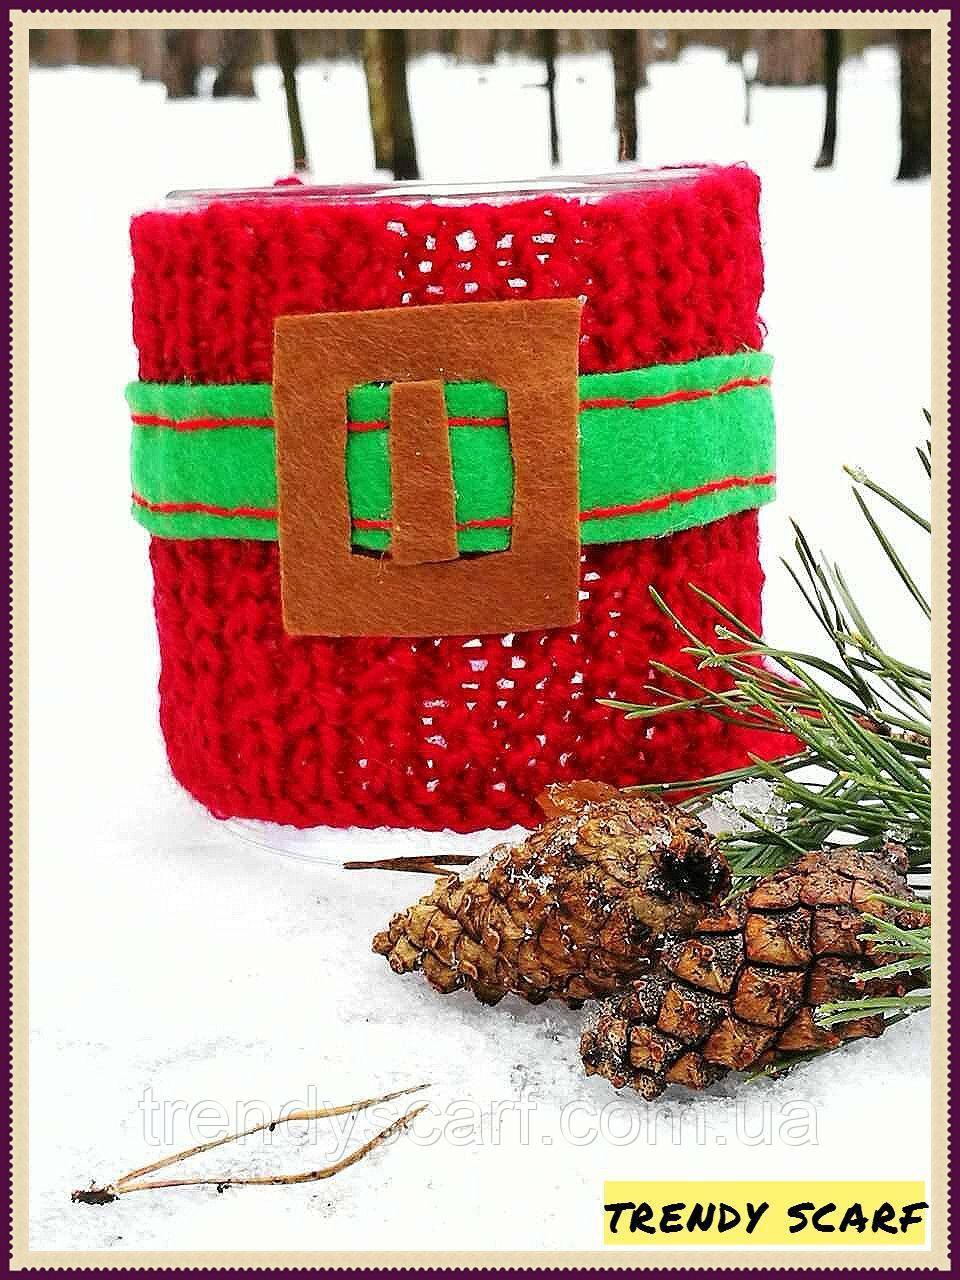 Чашка в одежде. Чехол на чашку. Подарок. Красный, зеленый, ремень, ремешок, вязь